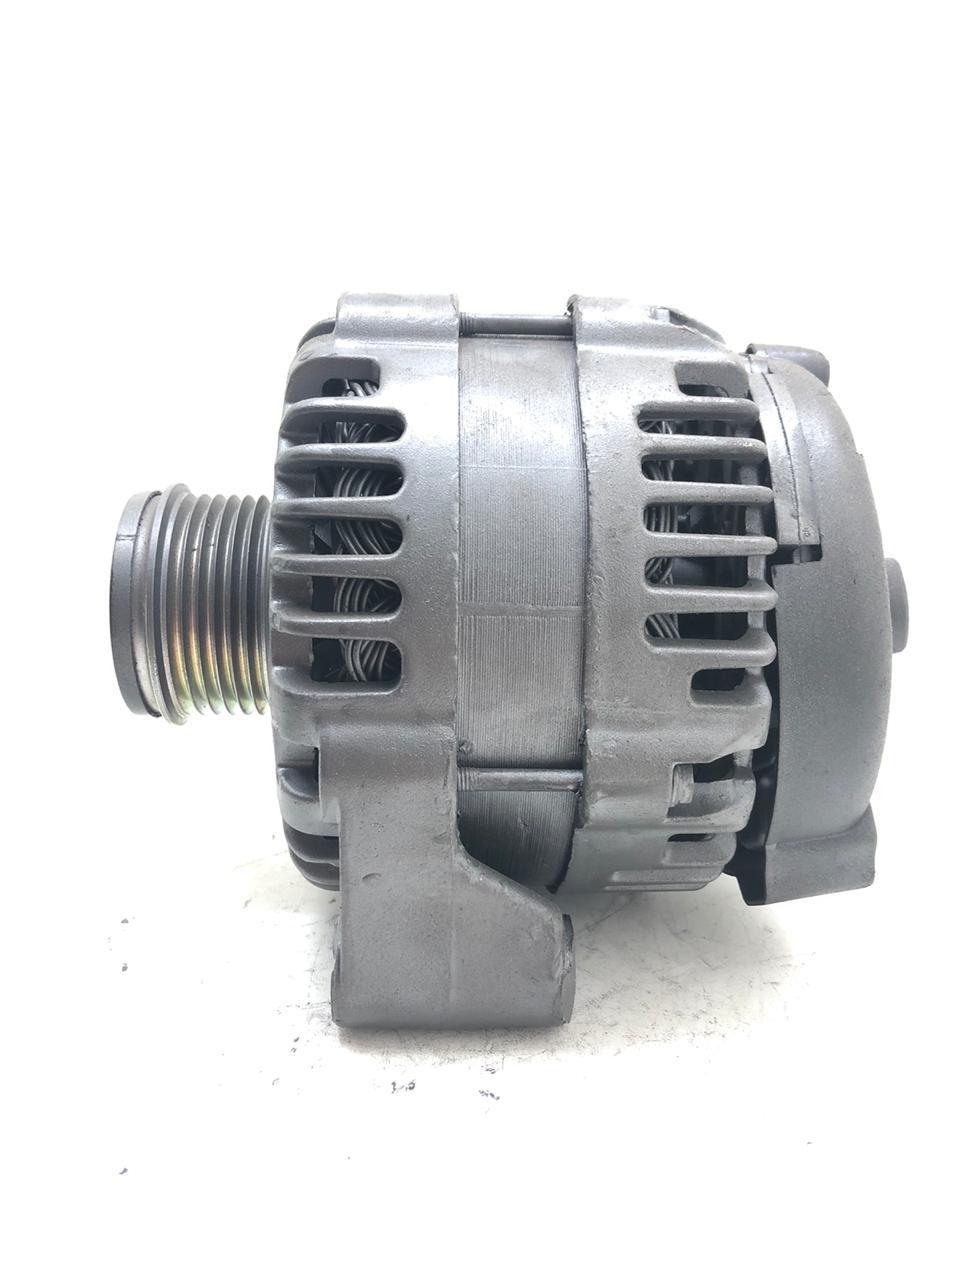 Alternador Blazer S10 2.8 14v 14amp Diesel 2012 CTDI GM13579677